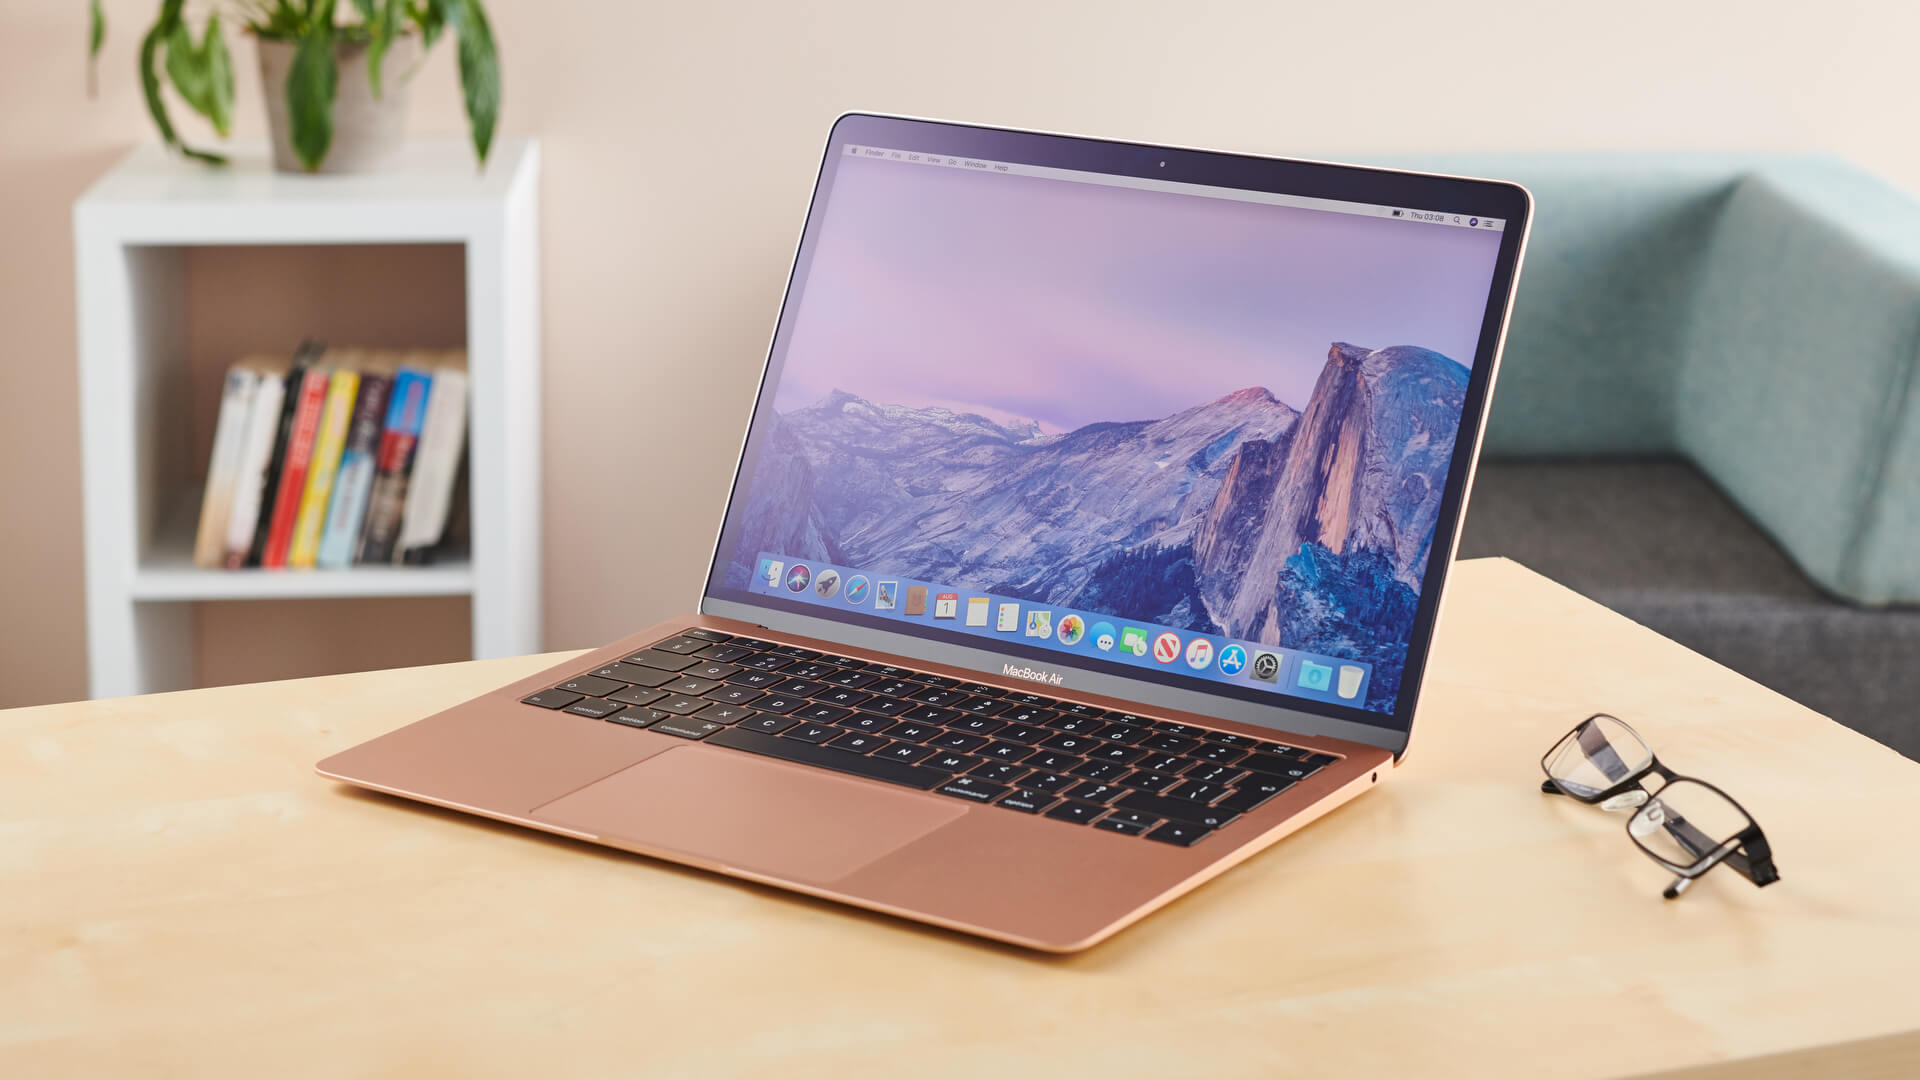 Macbook - Dòng laptop cao cấp